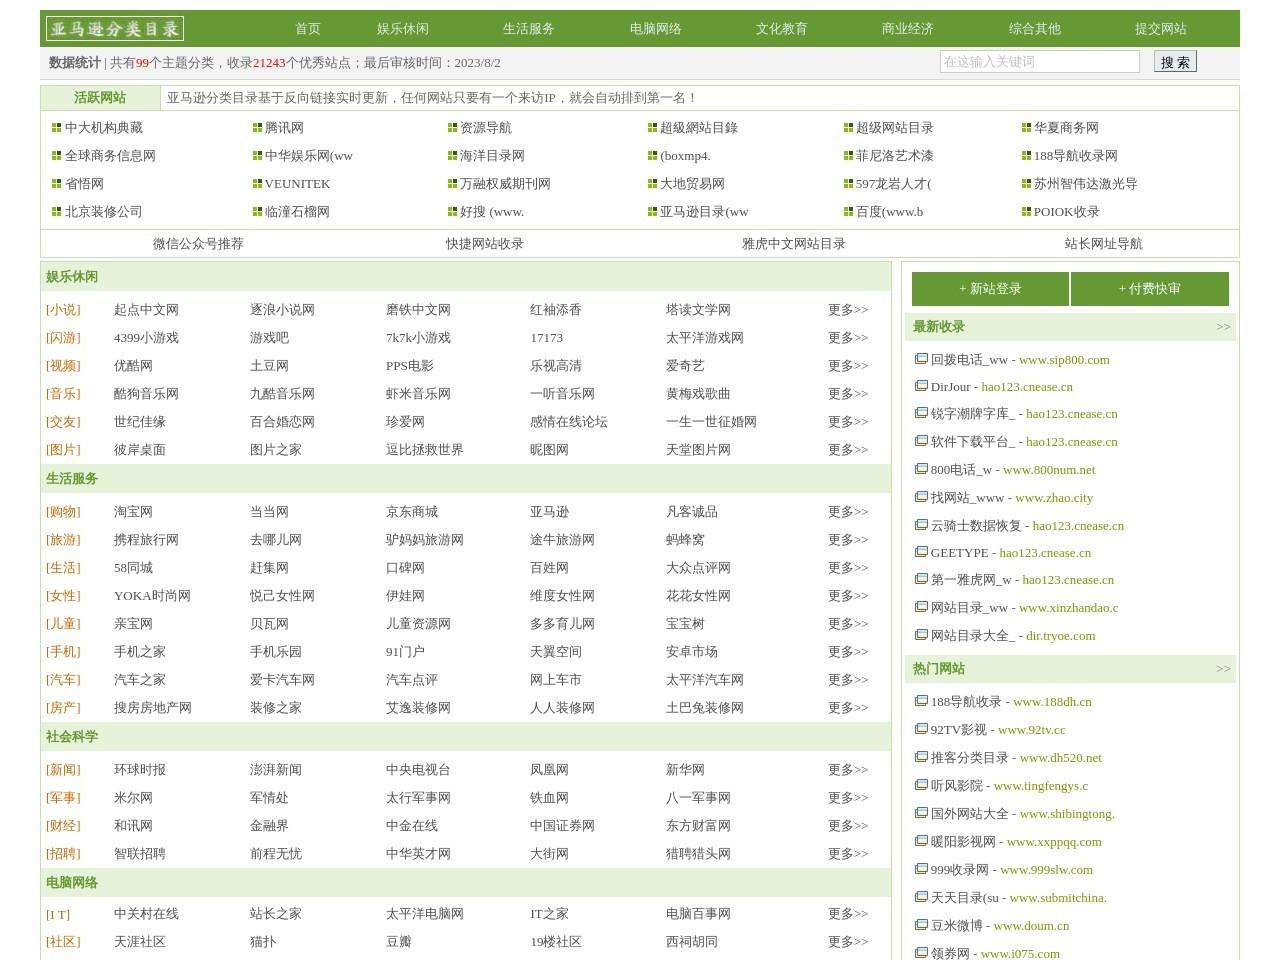 亚马逊分类目录_dmoz目录_中文网站目录